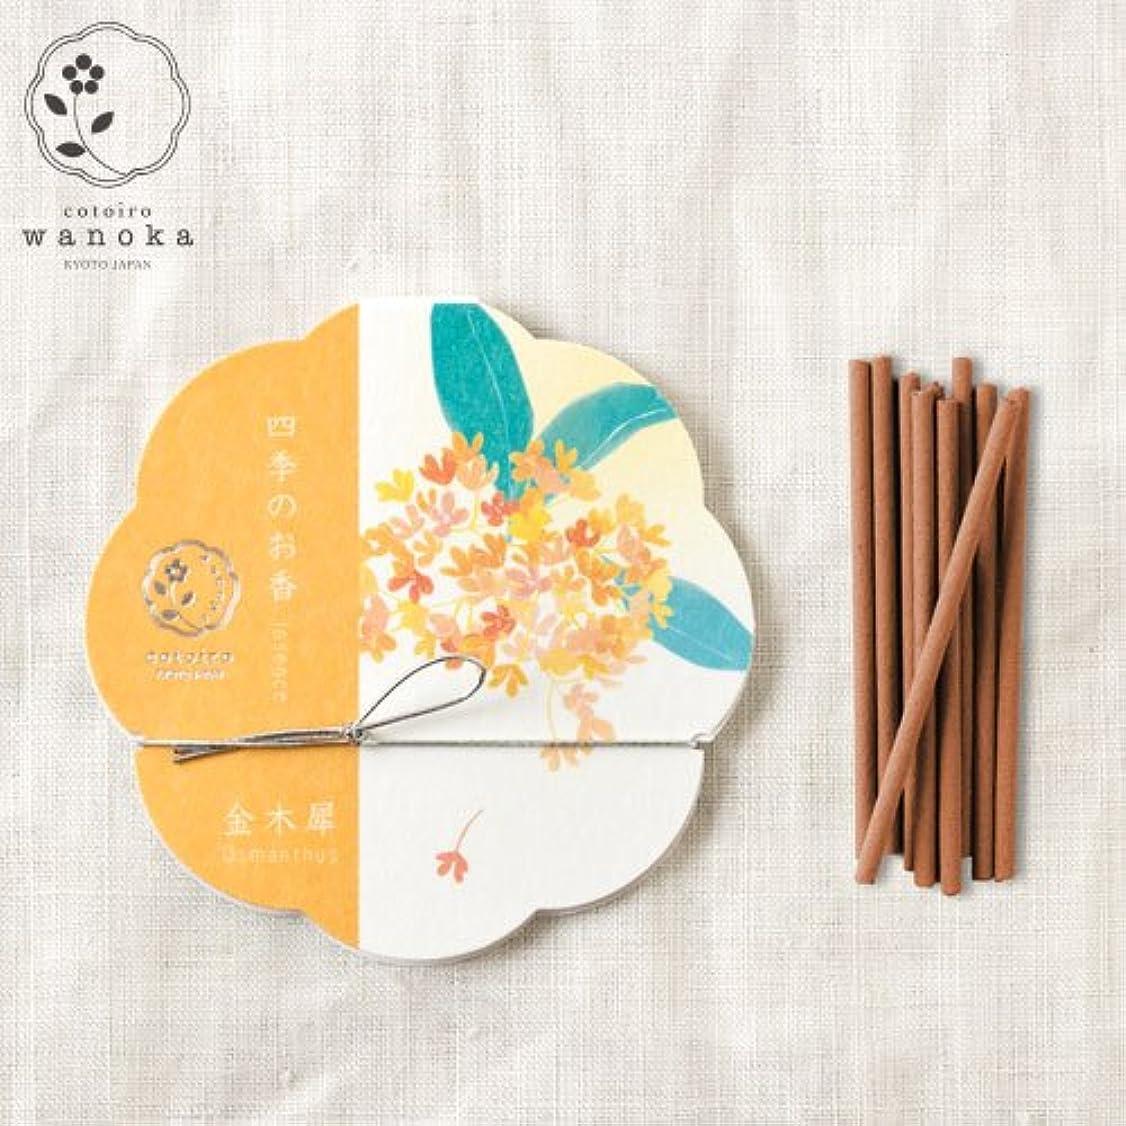 アミューズ耐える繁雑wanoka四季のお香(インセンス)金木犀《金木犀をイメージした果実のような甘い香り》ART LABIncense stick